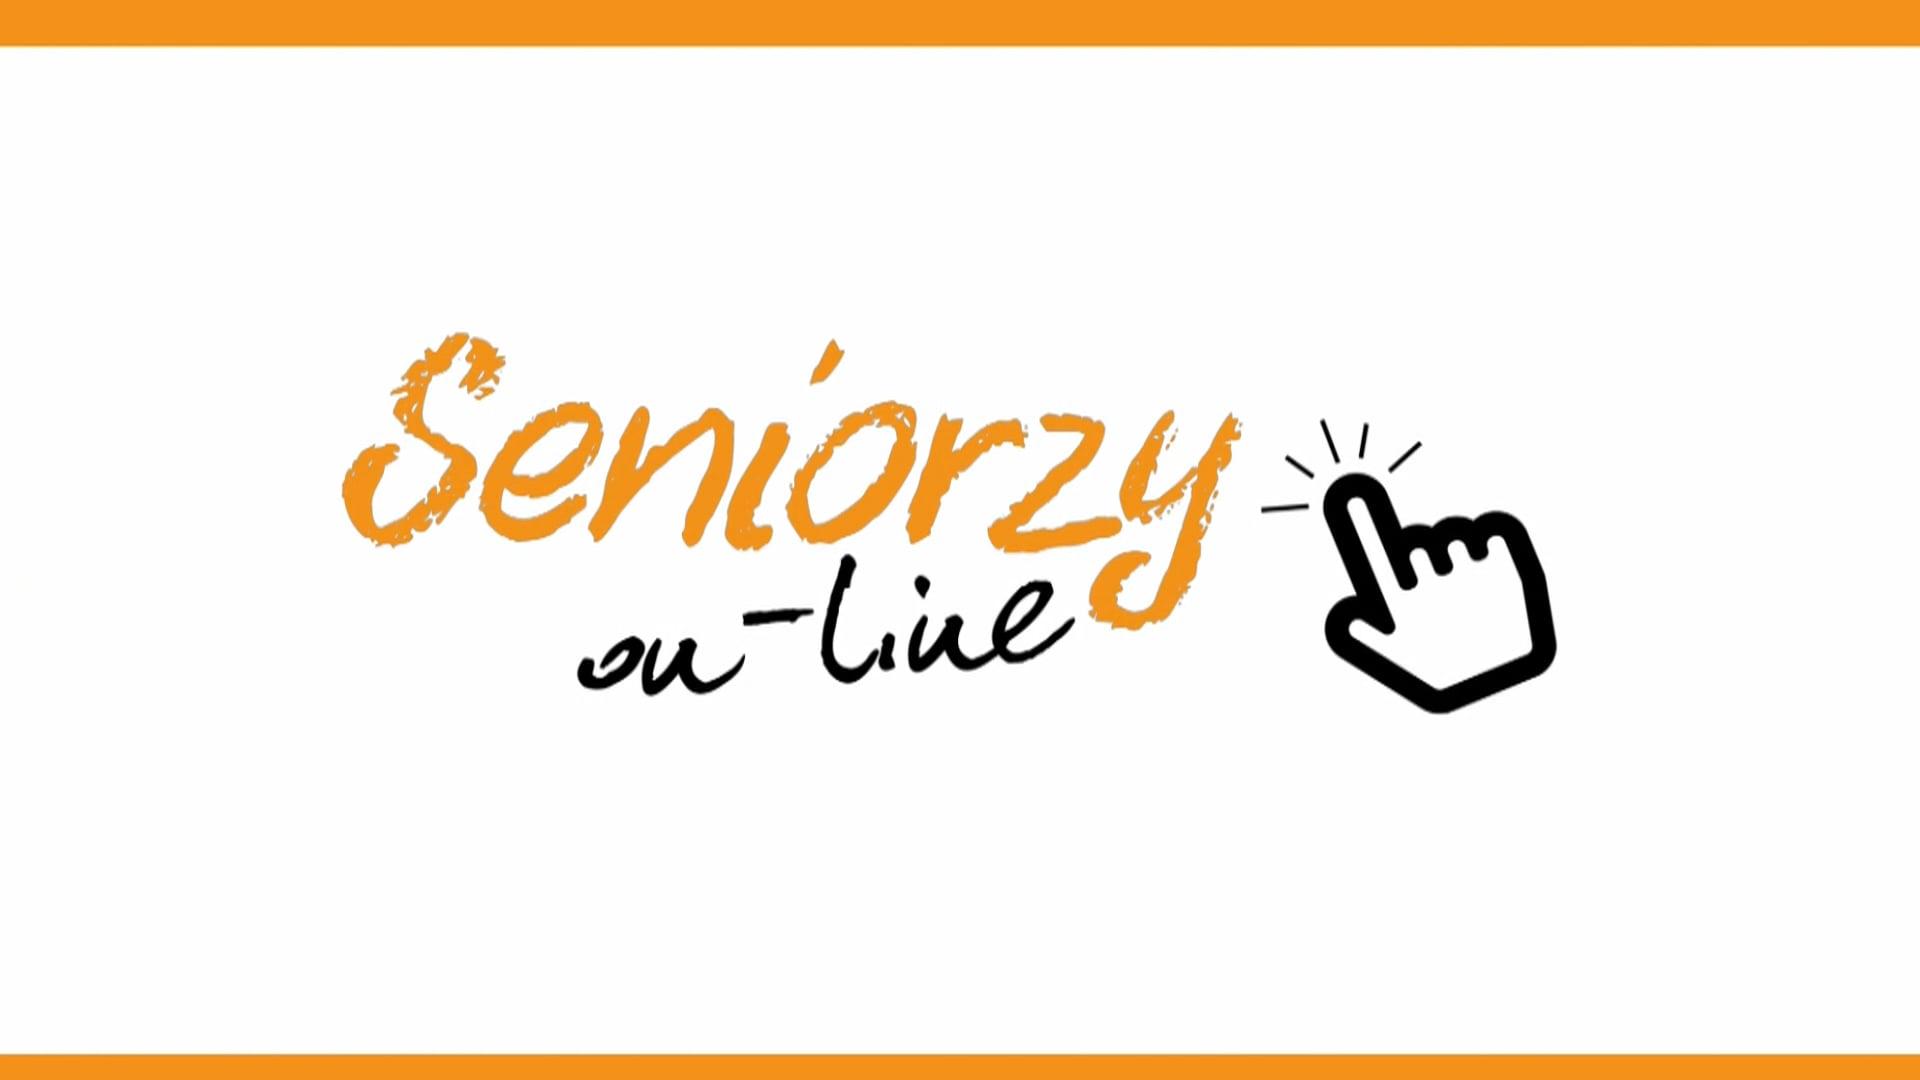 Seniorzy on-line – odc. 1